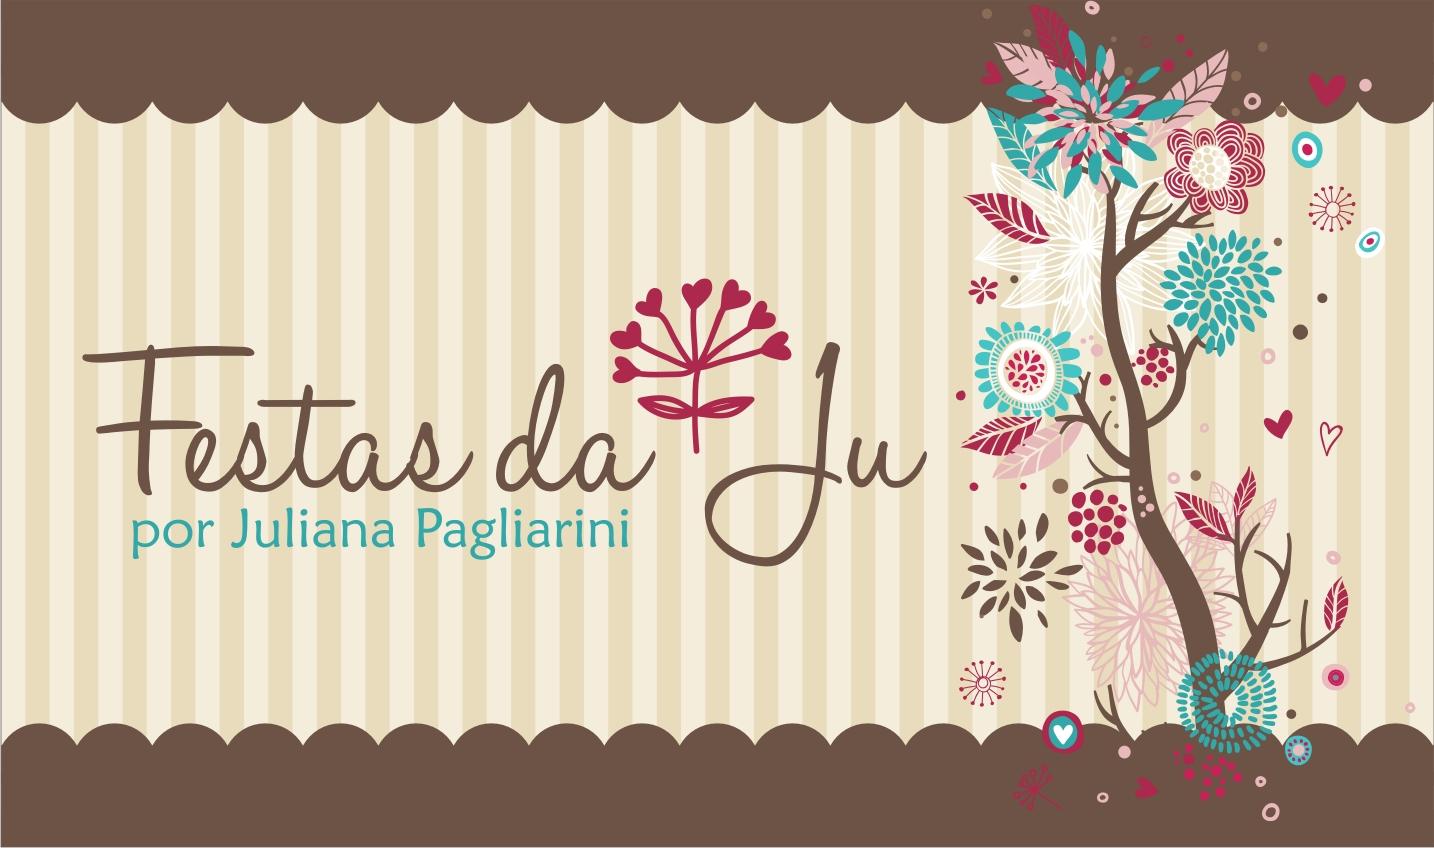 Printest Blog E Logotipo Festas Da Ju Emporium Digital Blogs